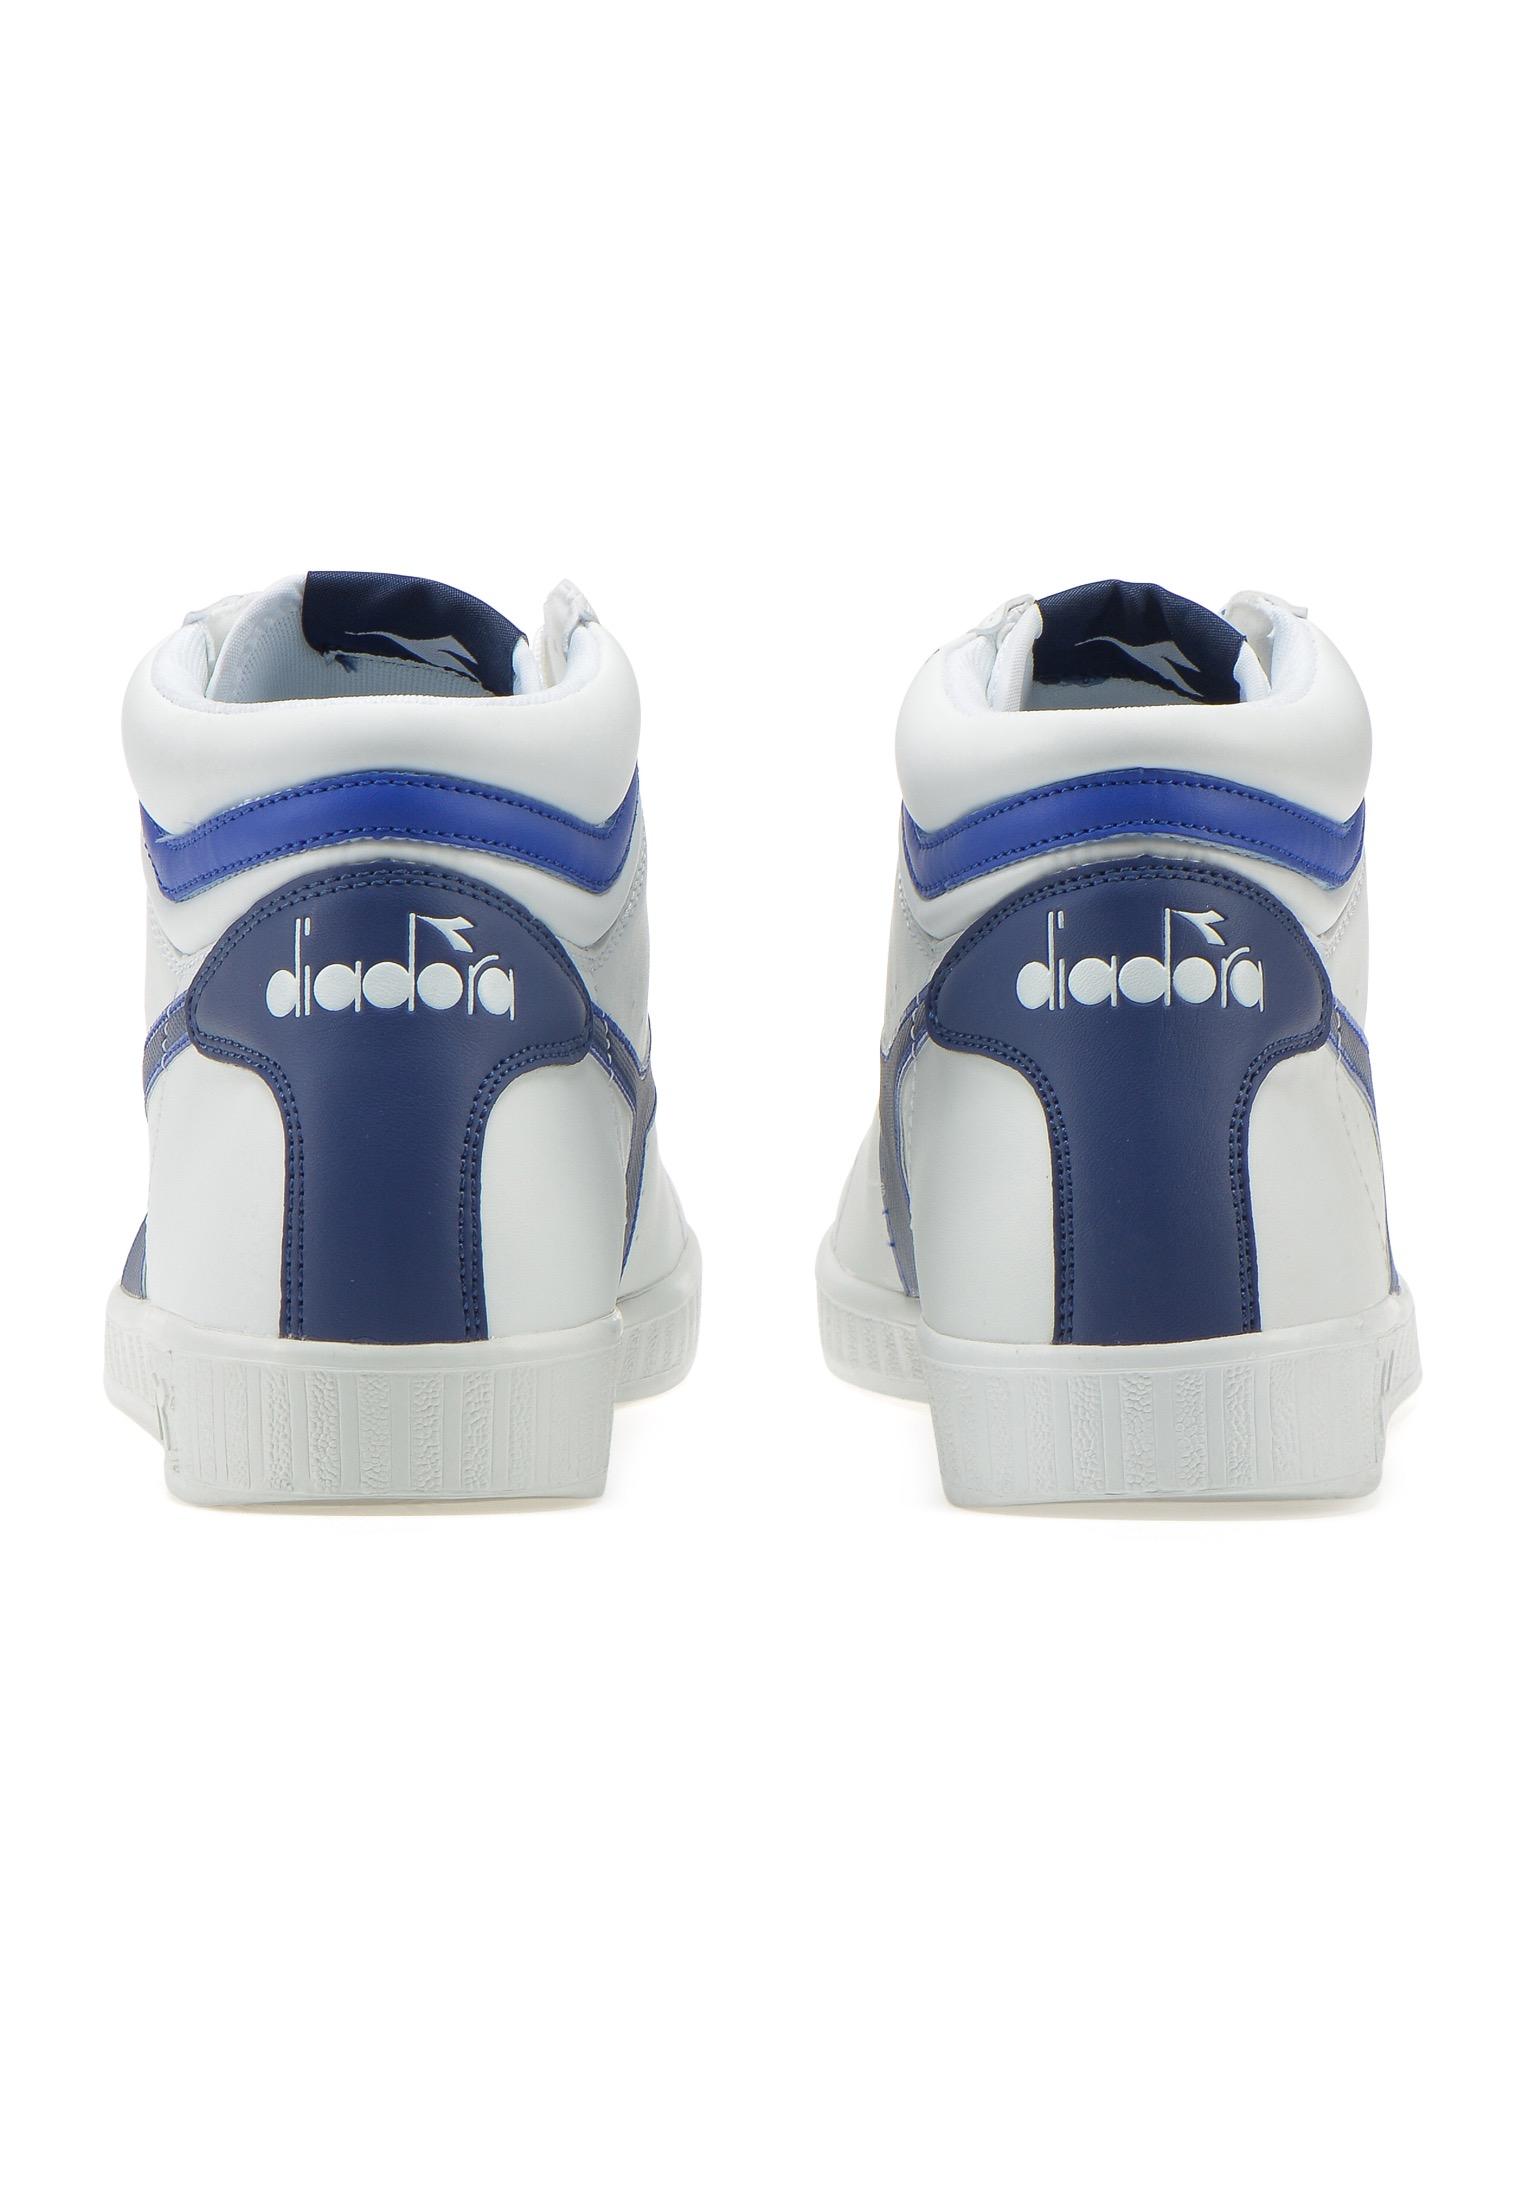 Diadora-Scarpe-Sportive-GAME-P-HIGH-per-uomo-e-donna miniatura 40